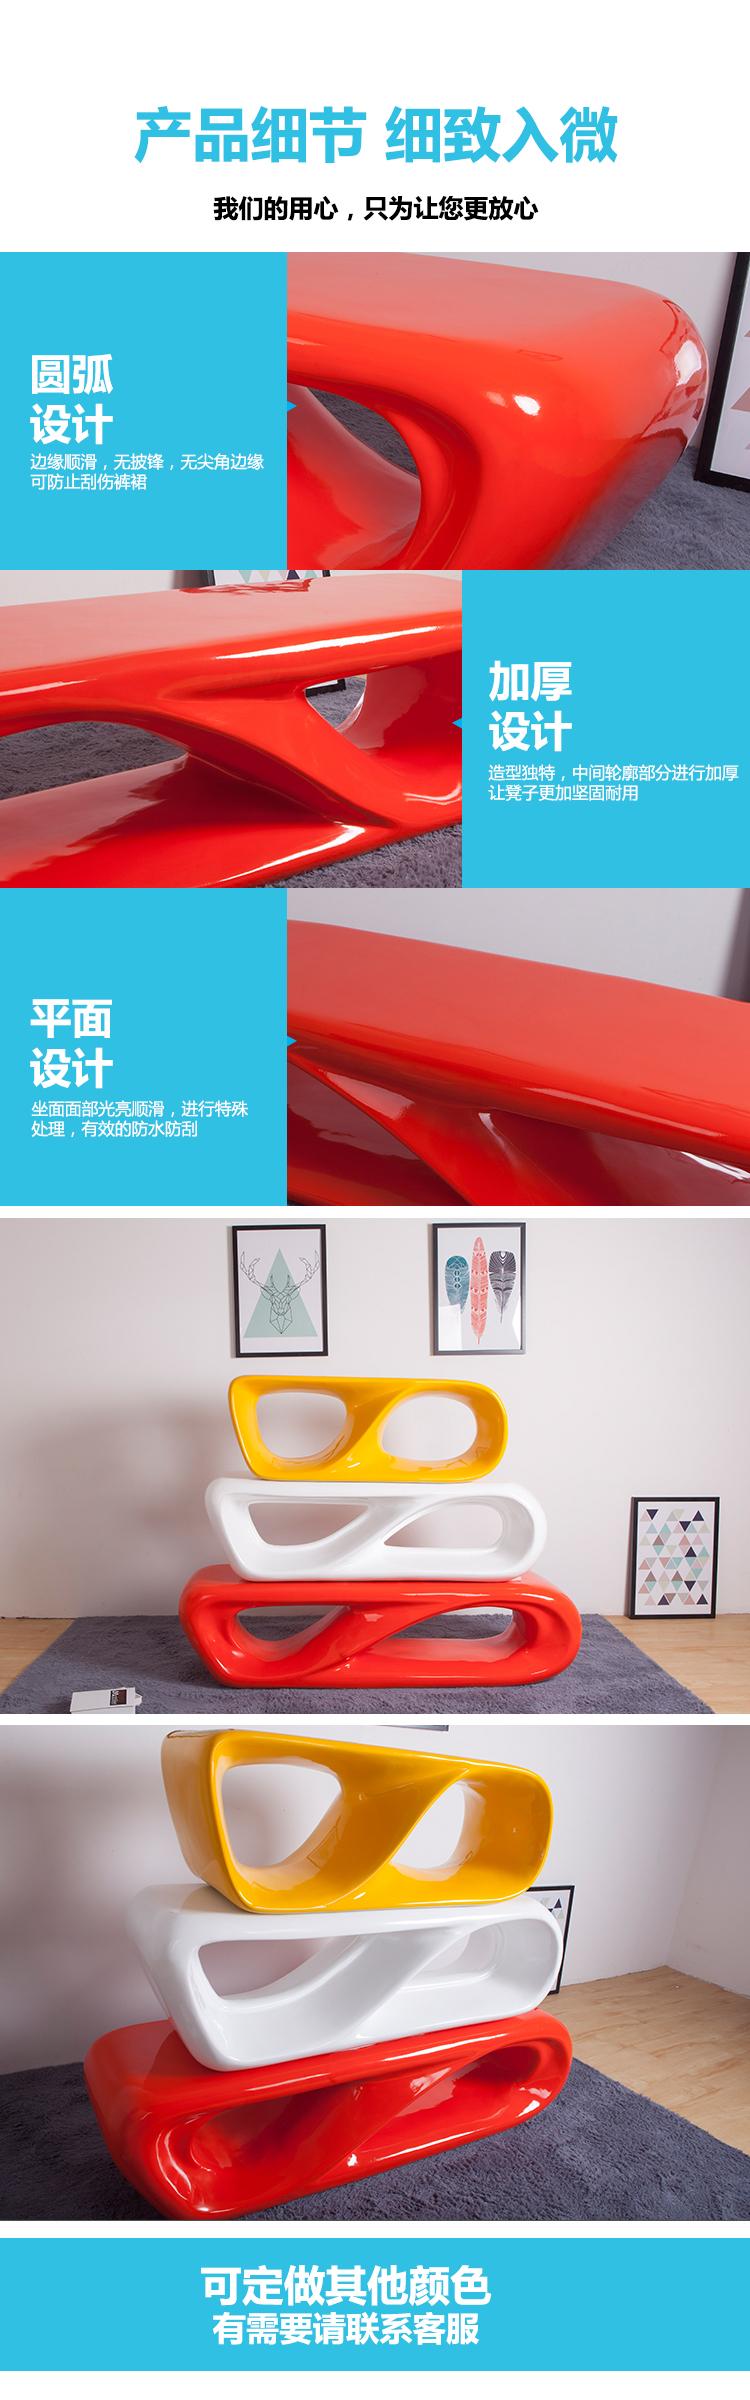 日字长椅3.jpg